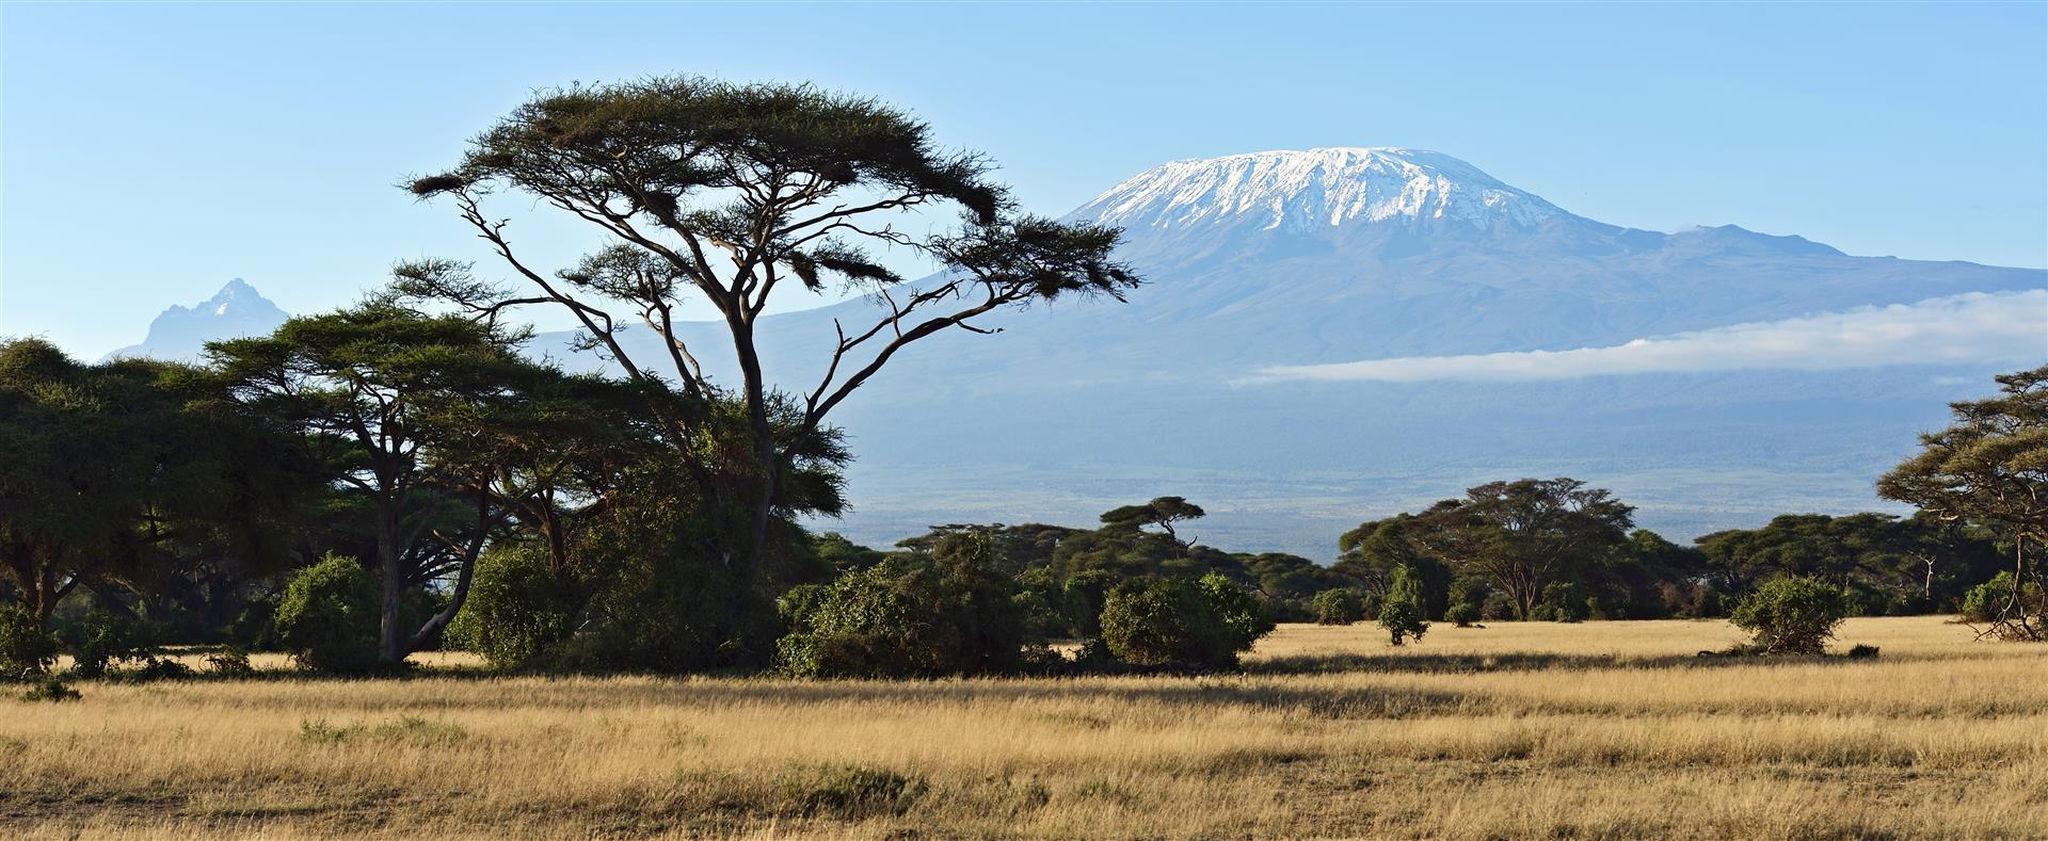 Vistas panorámicas con el Kilimanjaro